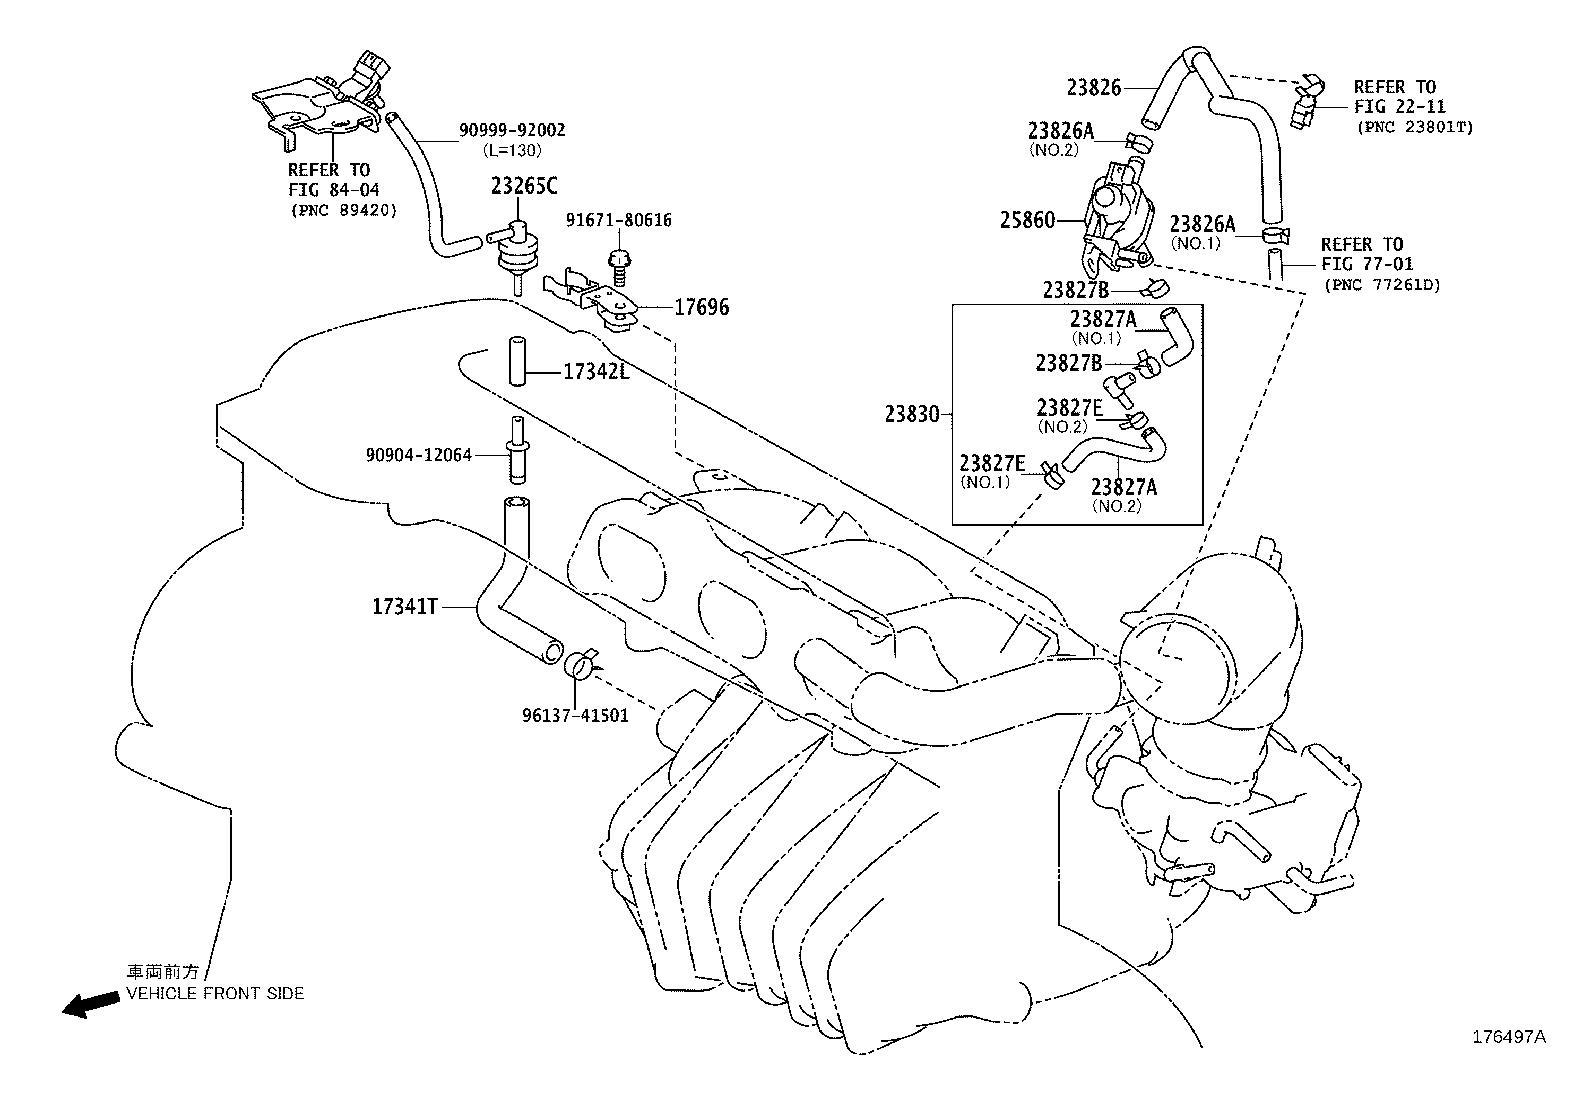 Lexus Hs 250h Evaporative Emissions System Leak Detection Pump Filter